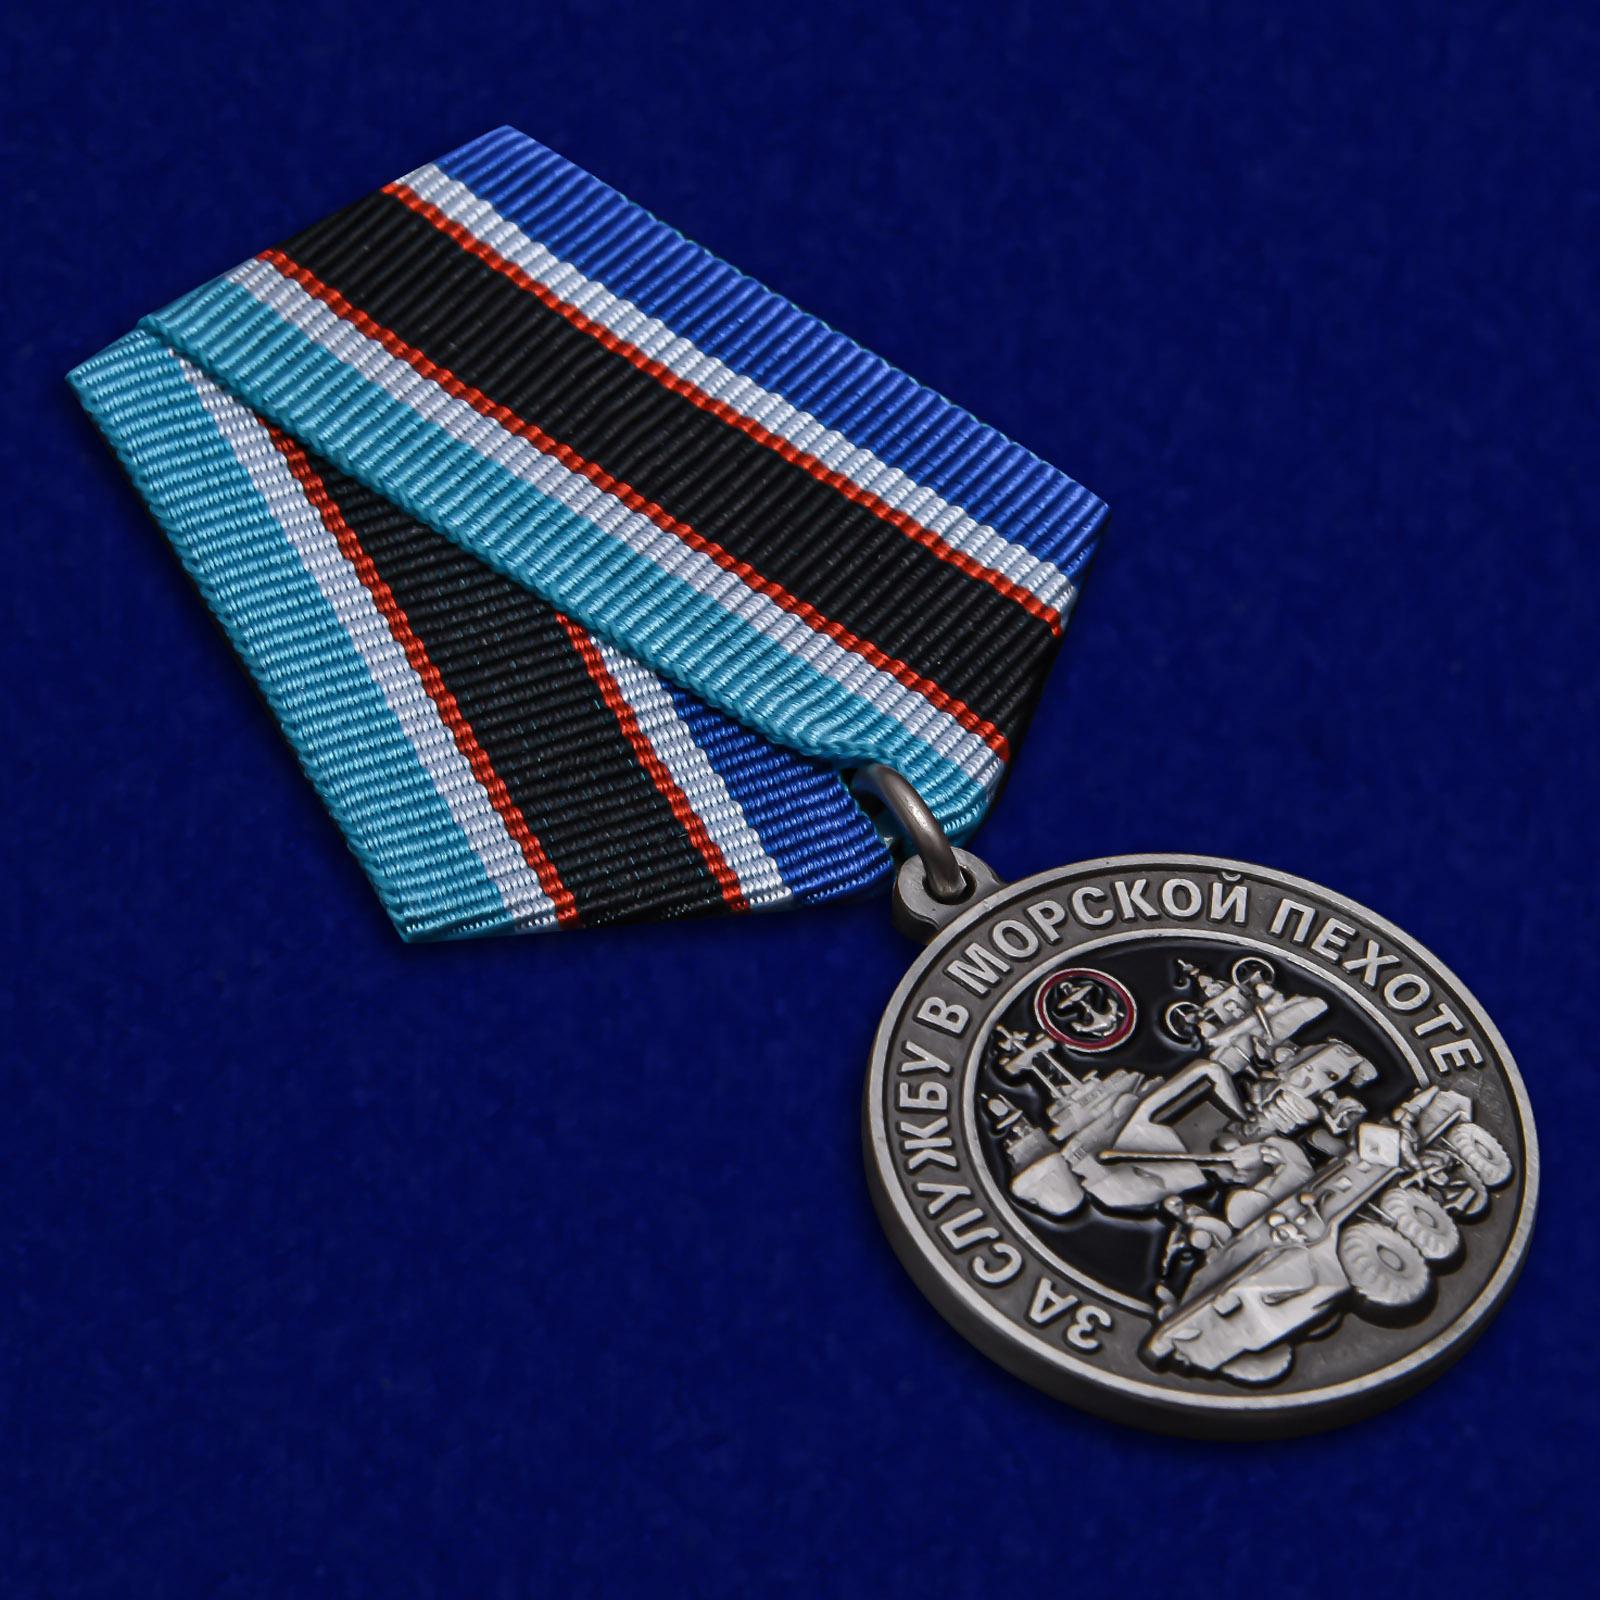 """Купить медаль """"За службу в Морской пехоте"""""""